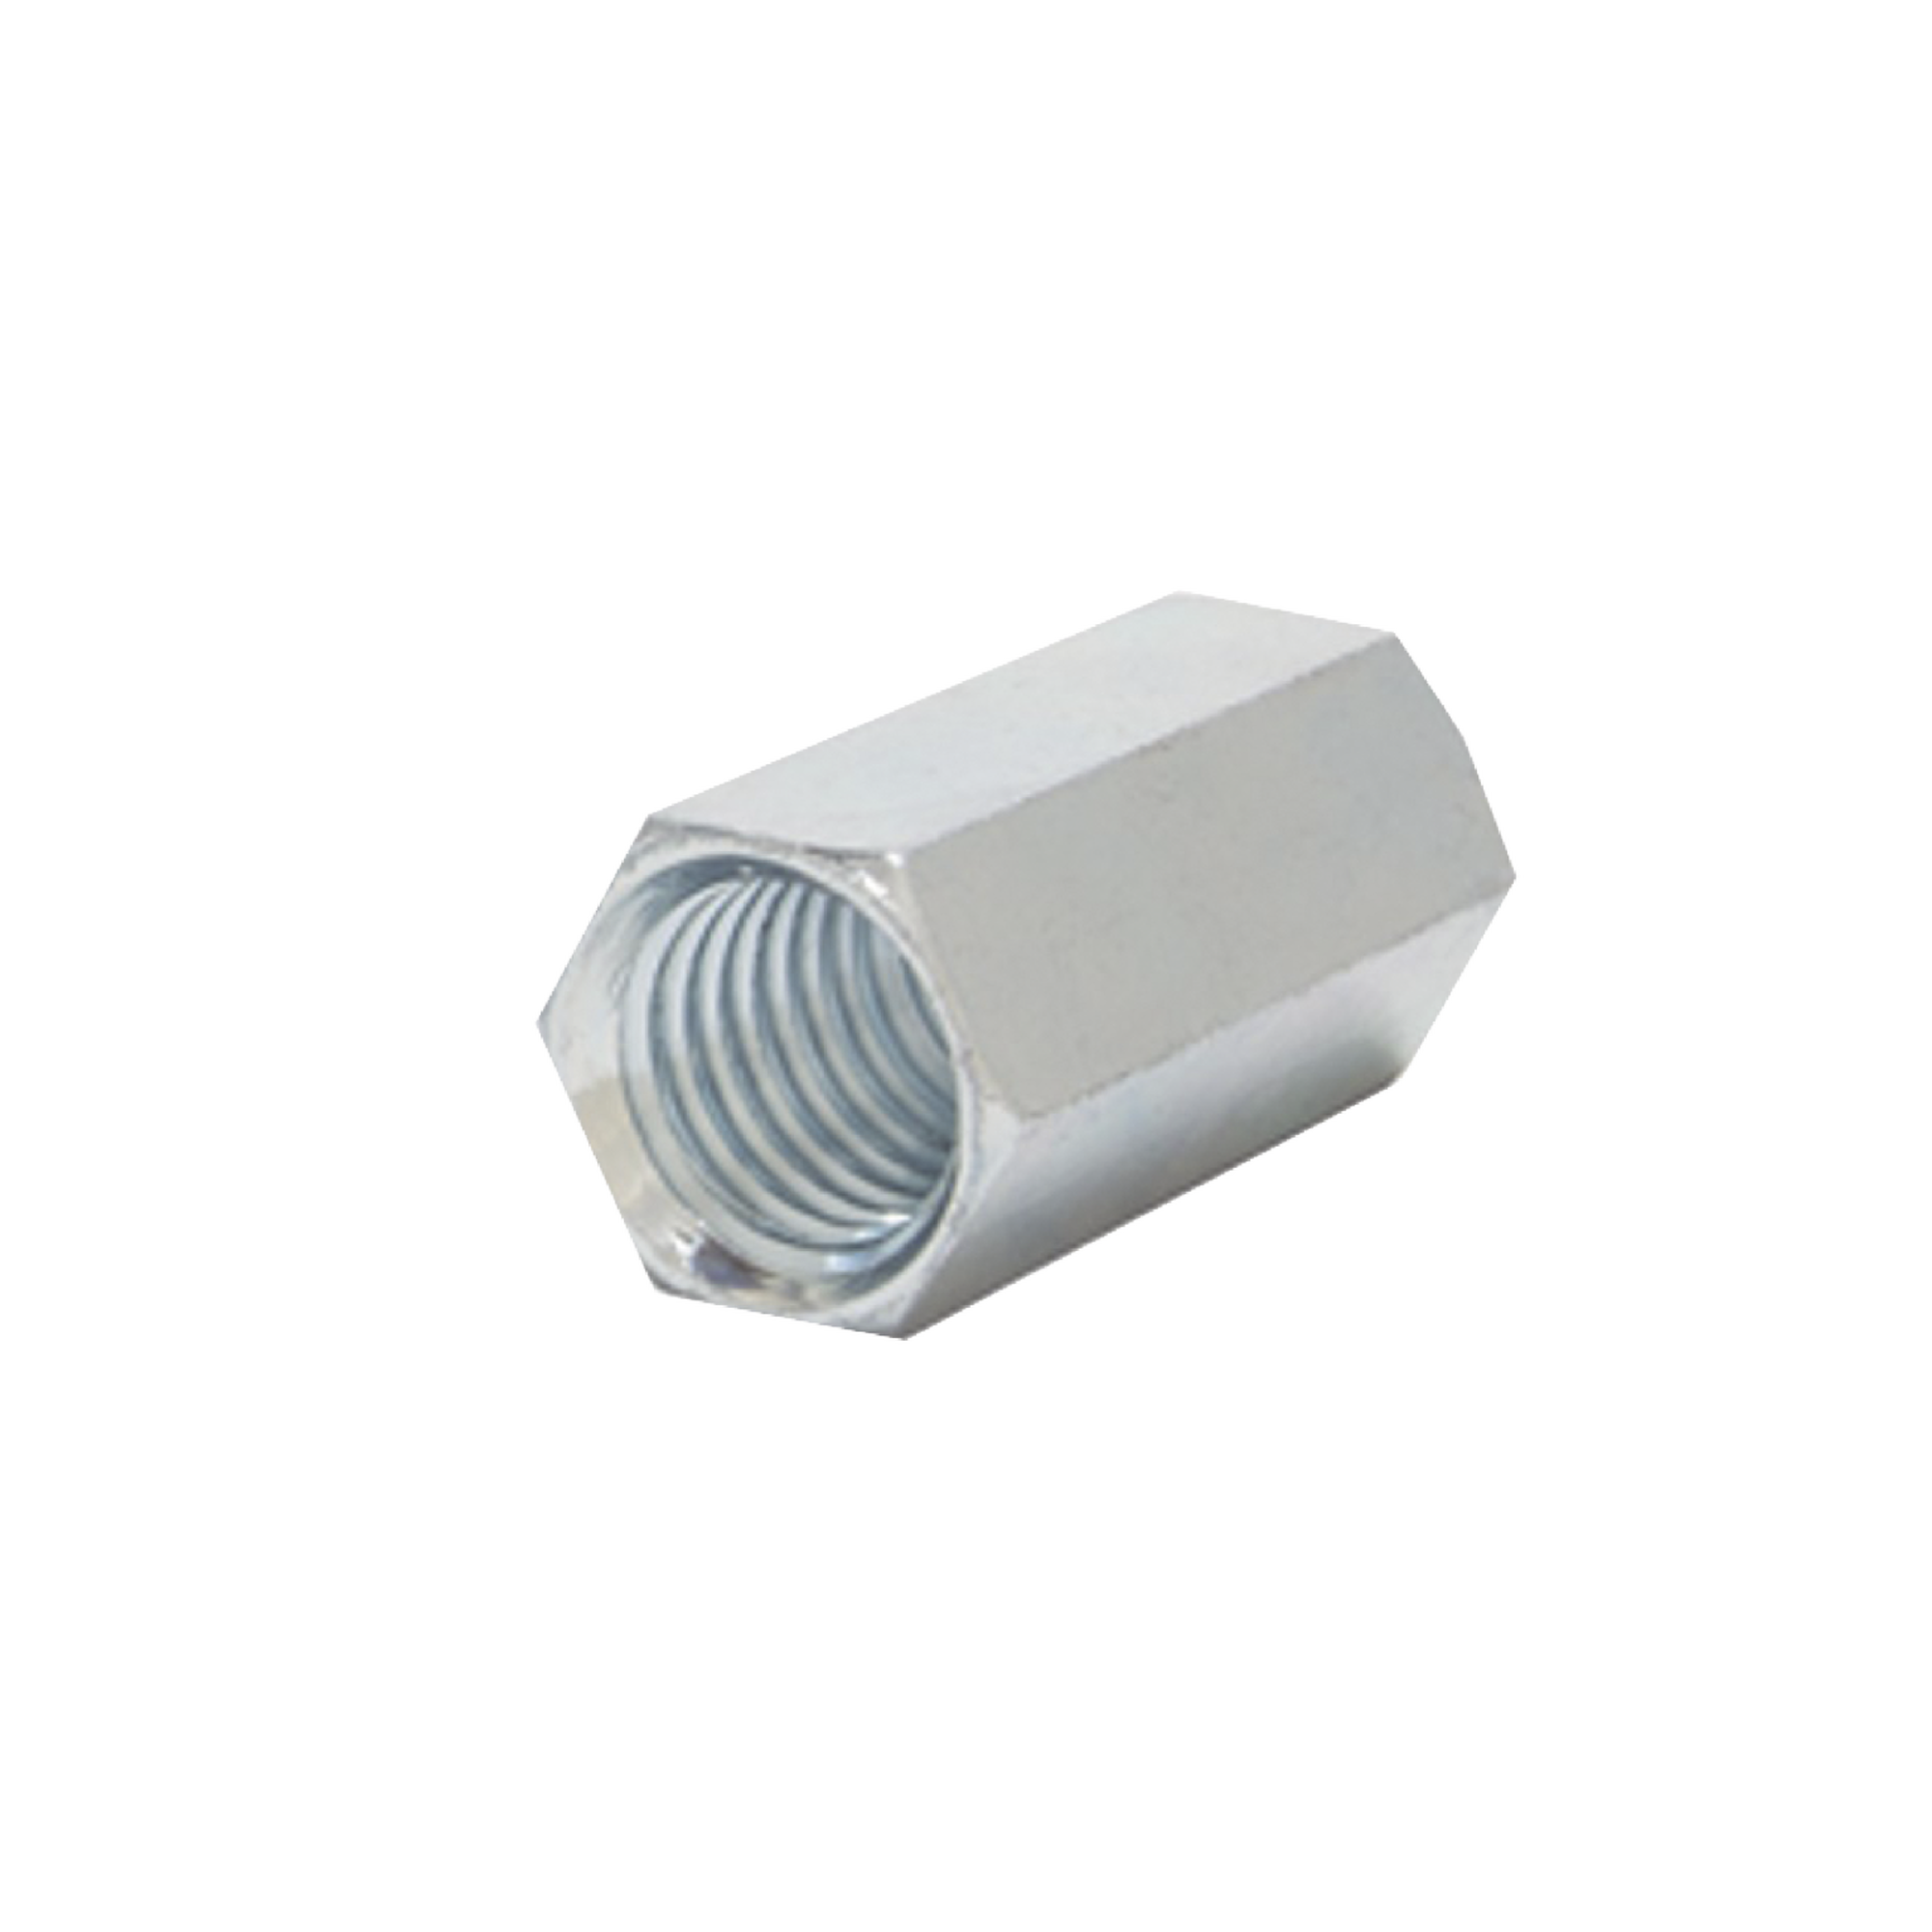 Cople hexagonal roscado cuerda máquina galvanizado d 9.5 mm (3/8)